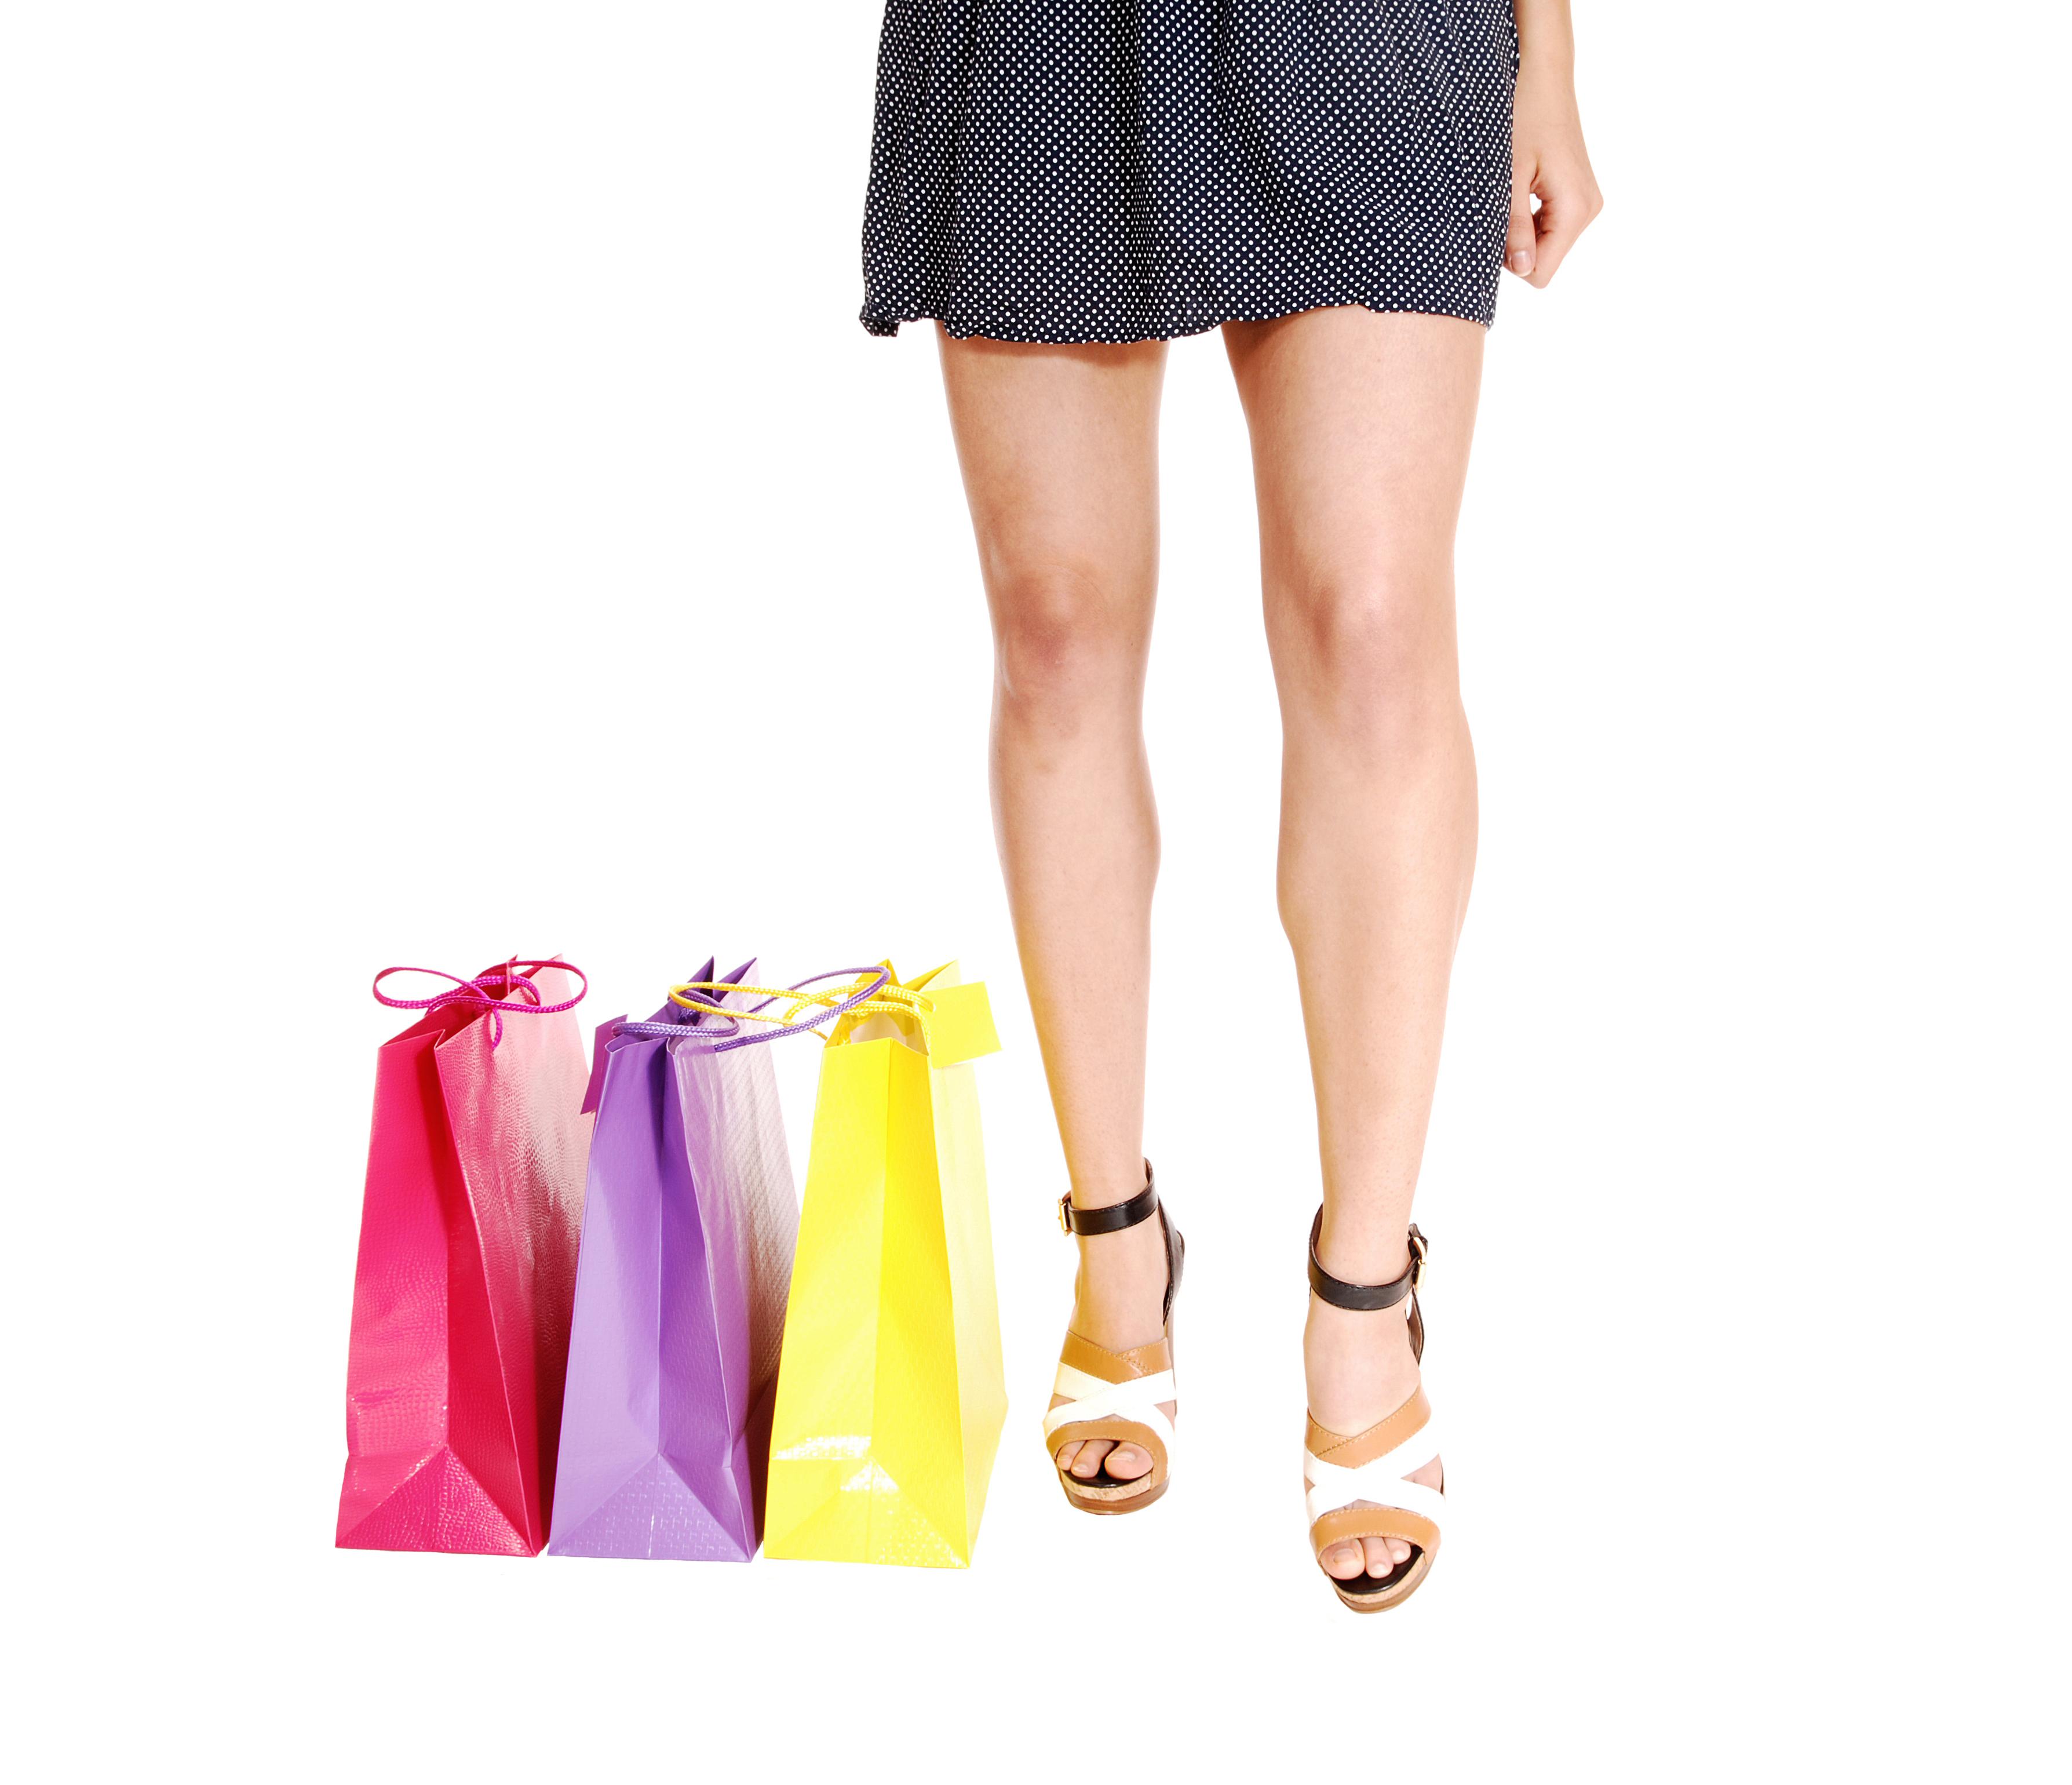 Dossier consommateur : pour tout savoir sur les tendances consommateurs, les modes de consommation, avec un zeste de prospective.